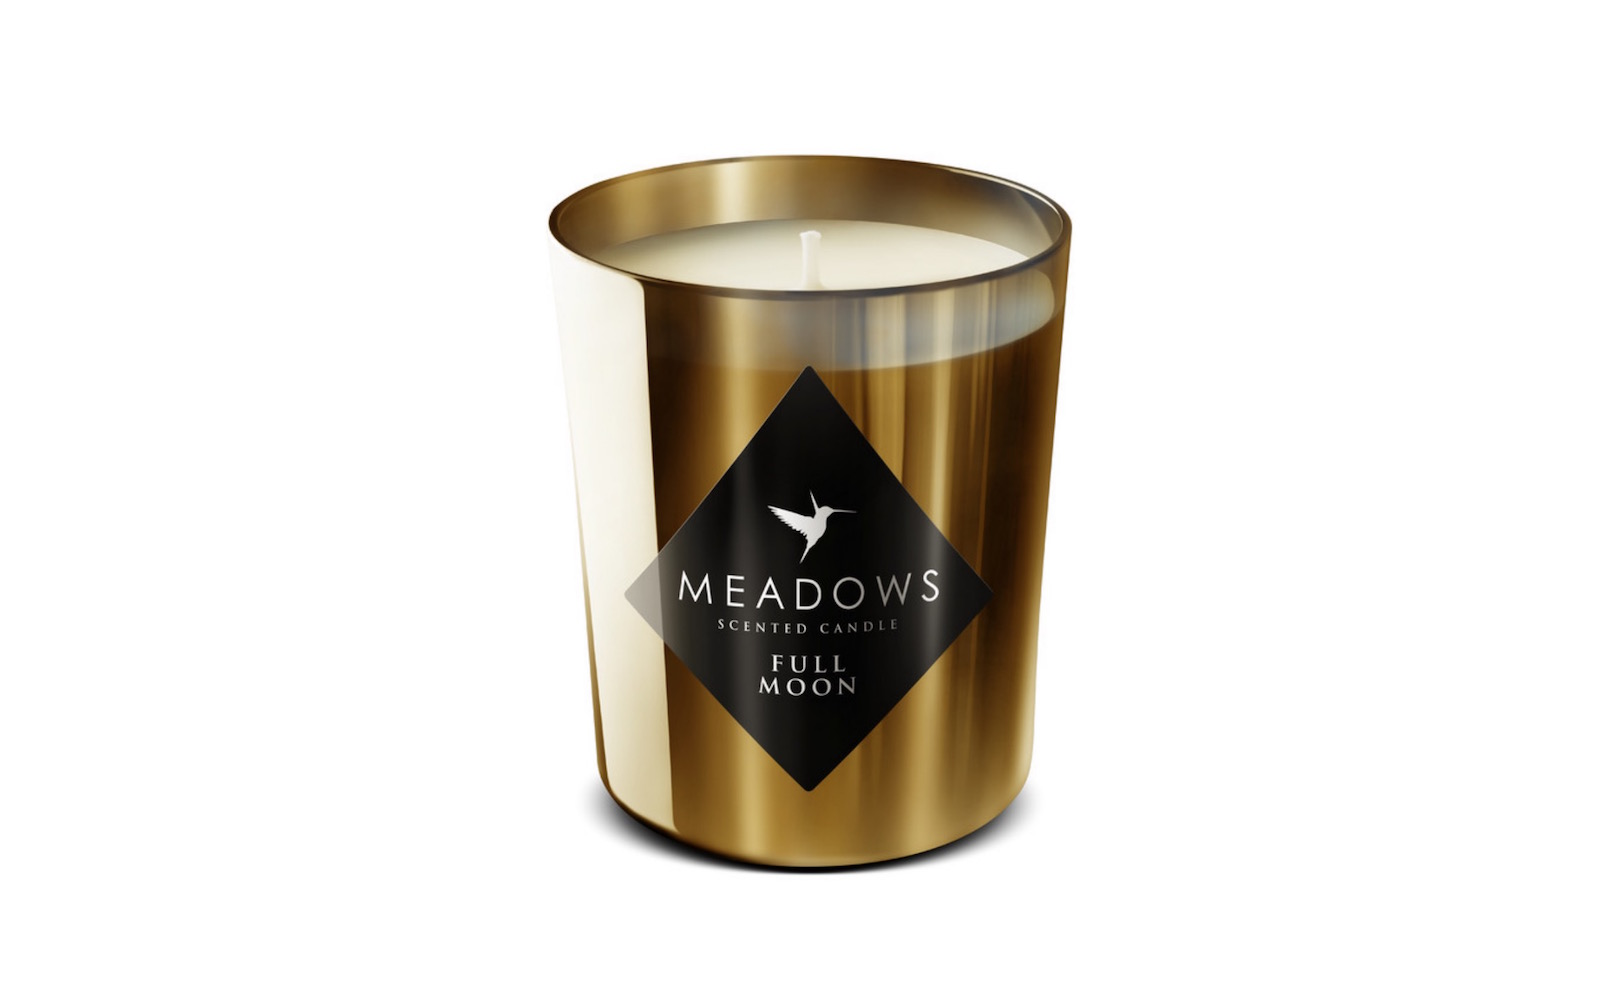 Zlatá svíčka Full Moon od Meadows kombinuje sladký med, vzácná dřeva a smyslné tóny kůže.